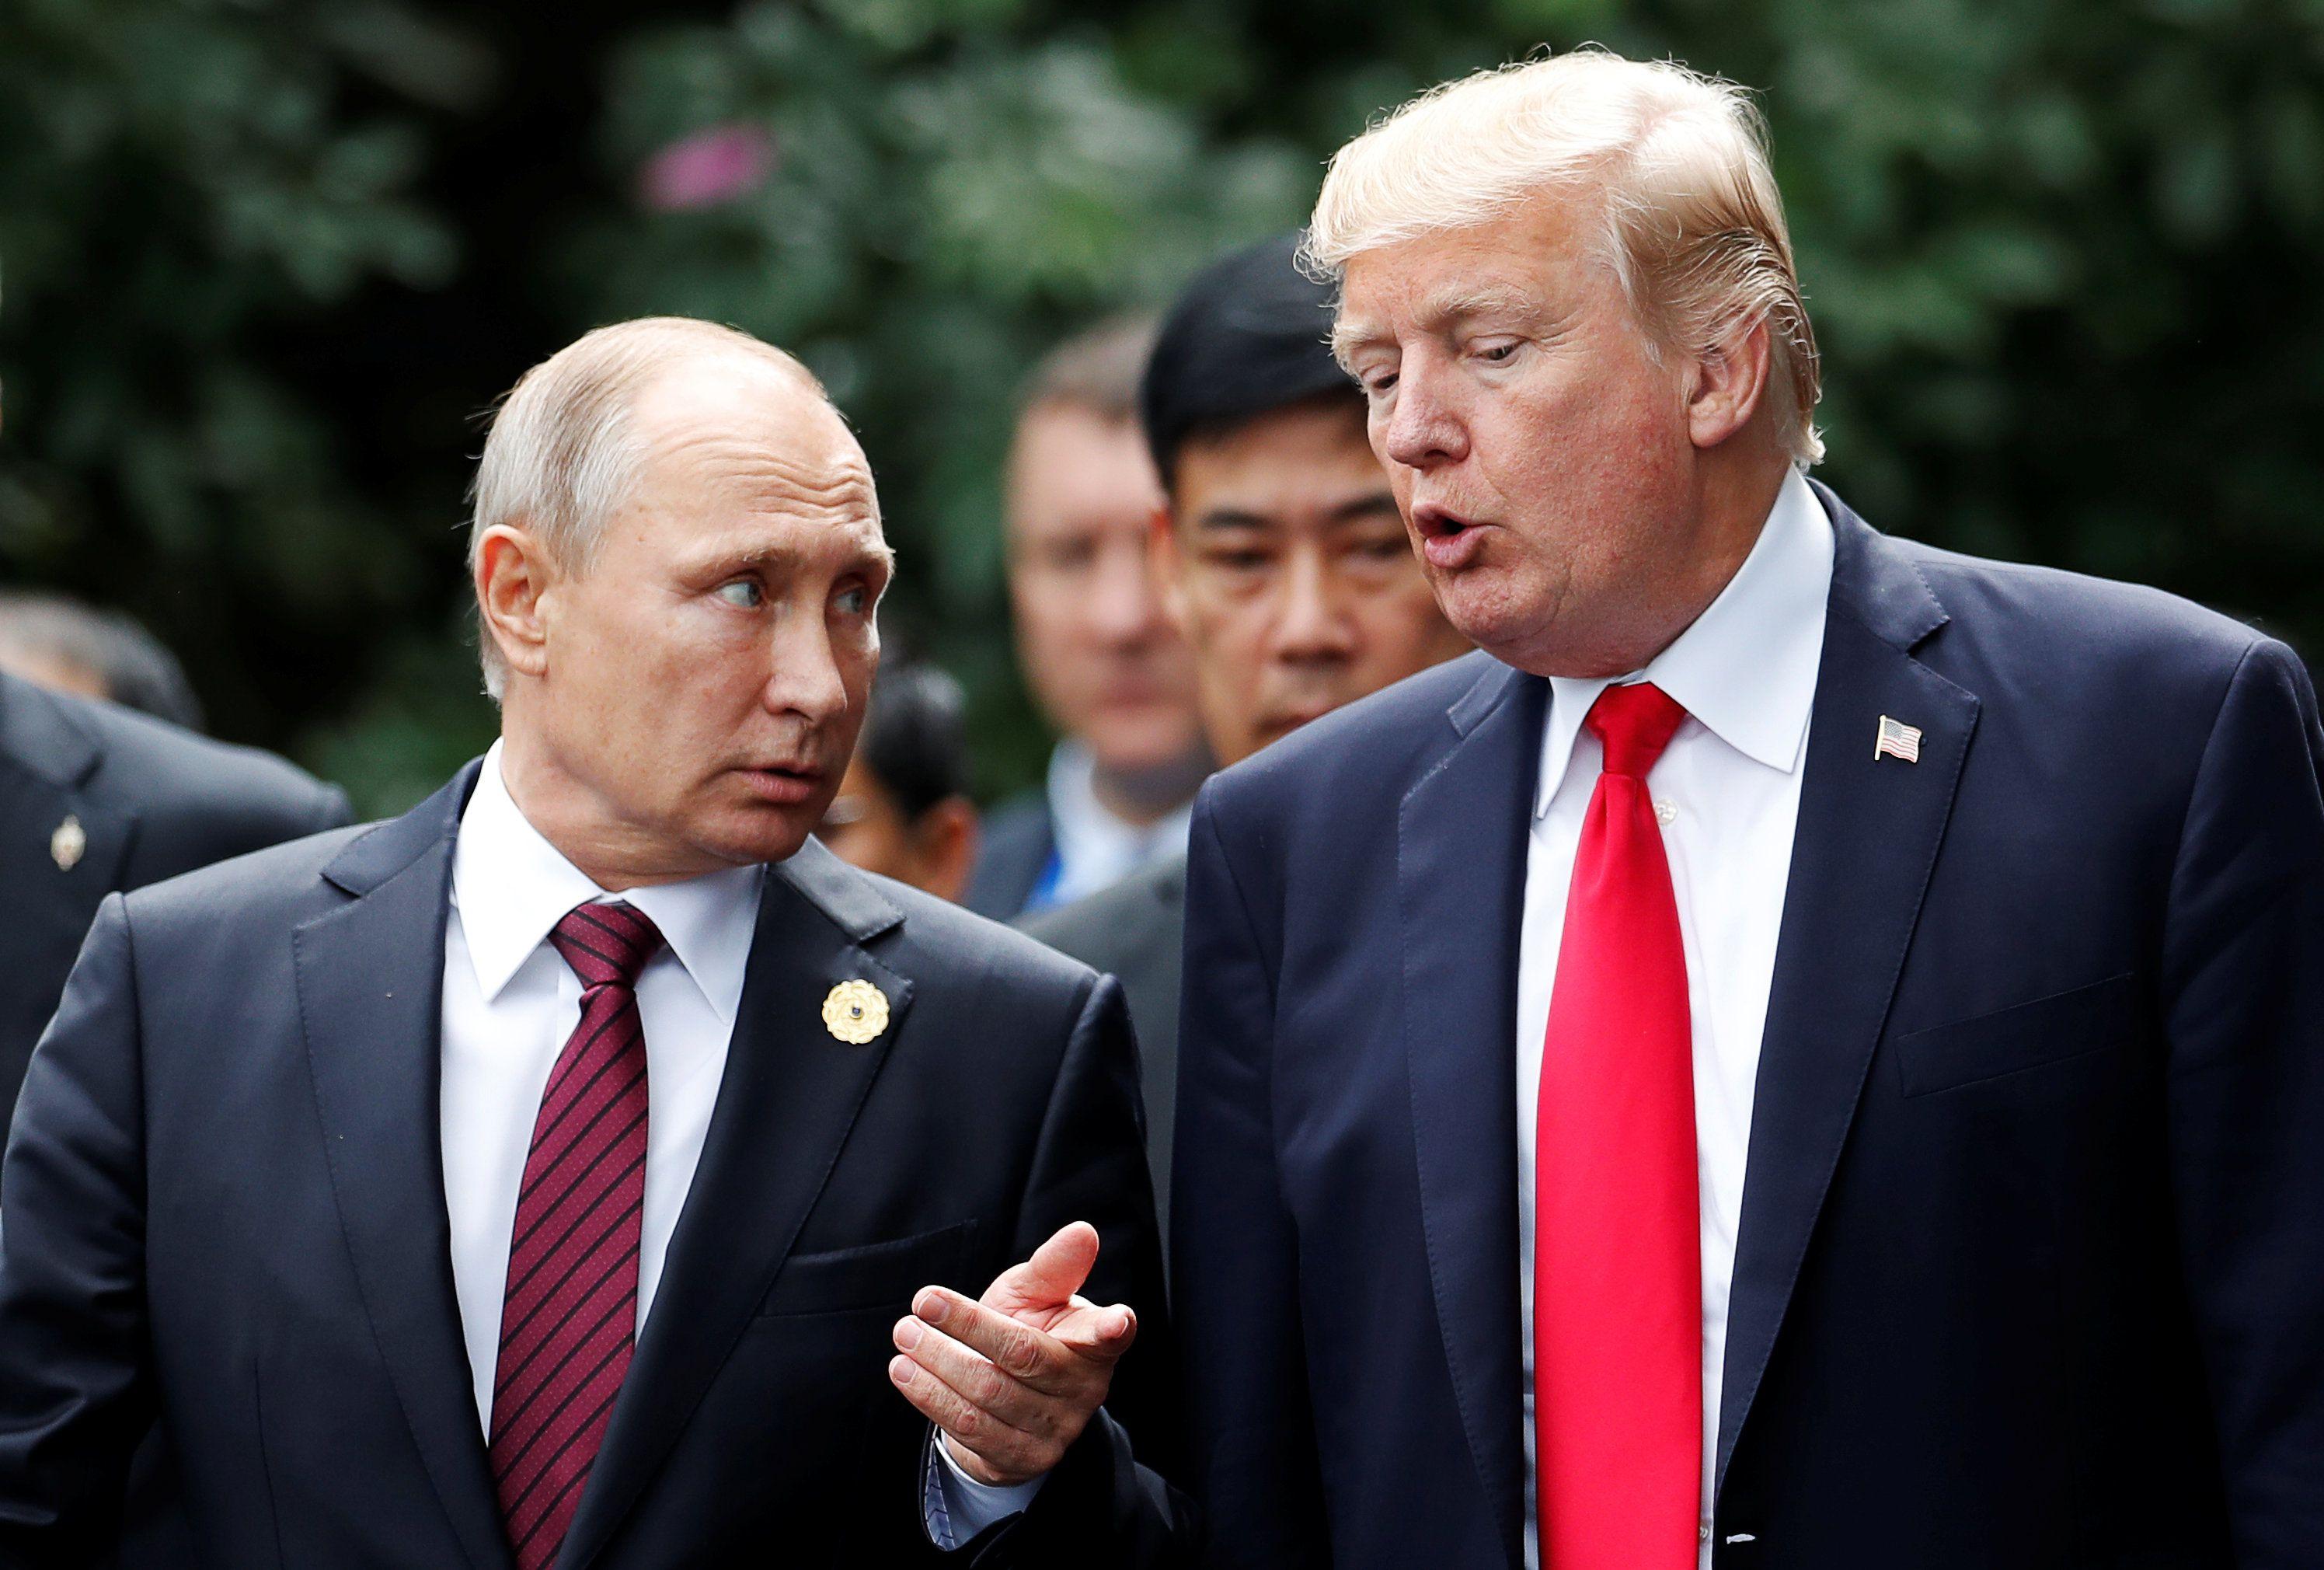 Дональд Трамп прокомментировал результаты встречи с Владимиром Путиным в Хельсинки